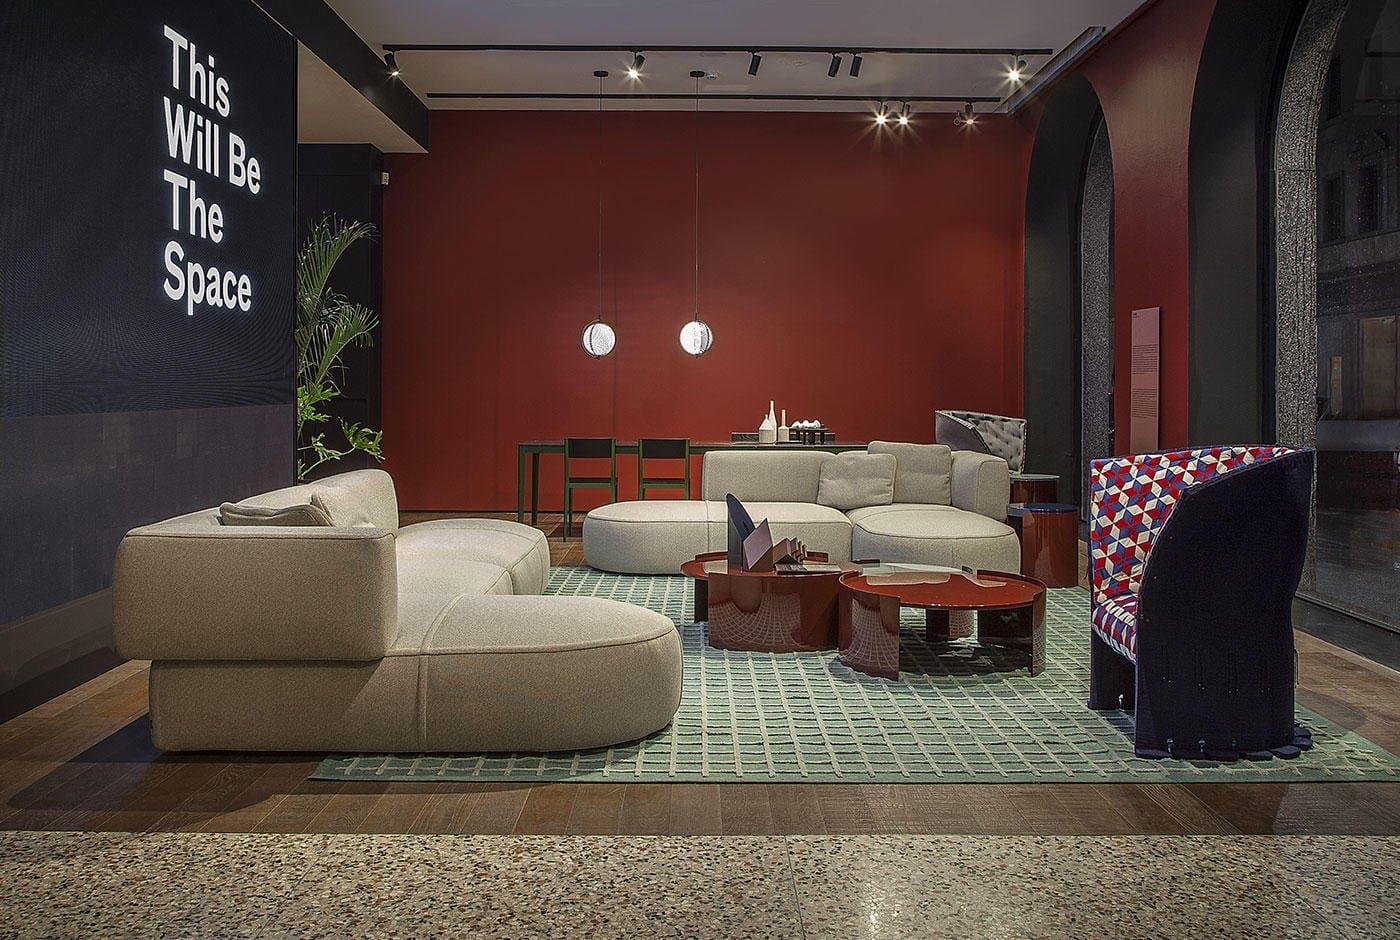 200+ collezioni con pezzi unici di design, arte e moda. Buy Italian Furniture Online Italian Design Blog Made In Italy Furniture Mobili Italiani Interior Design Italiano Design Del Prodotto